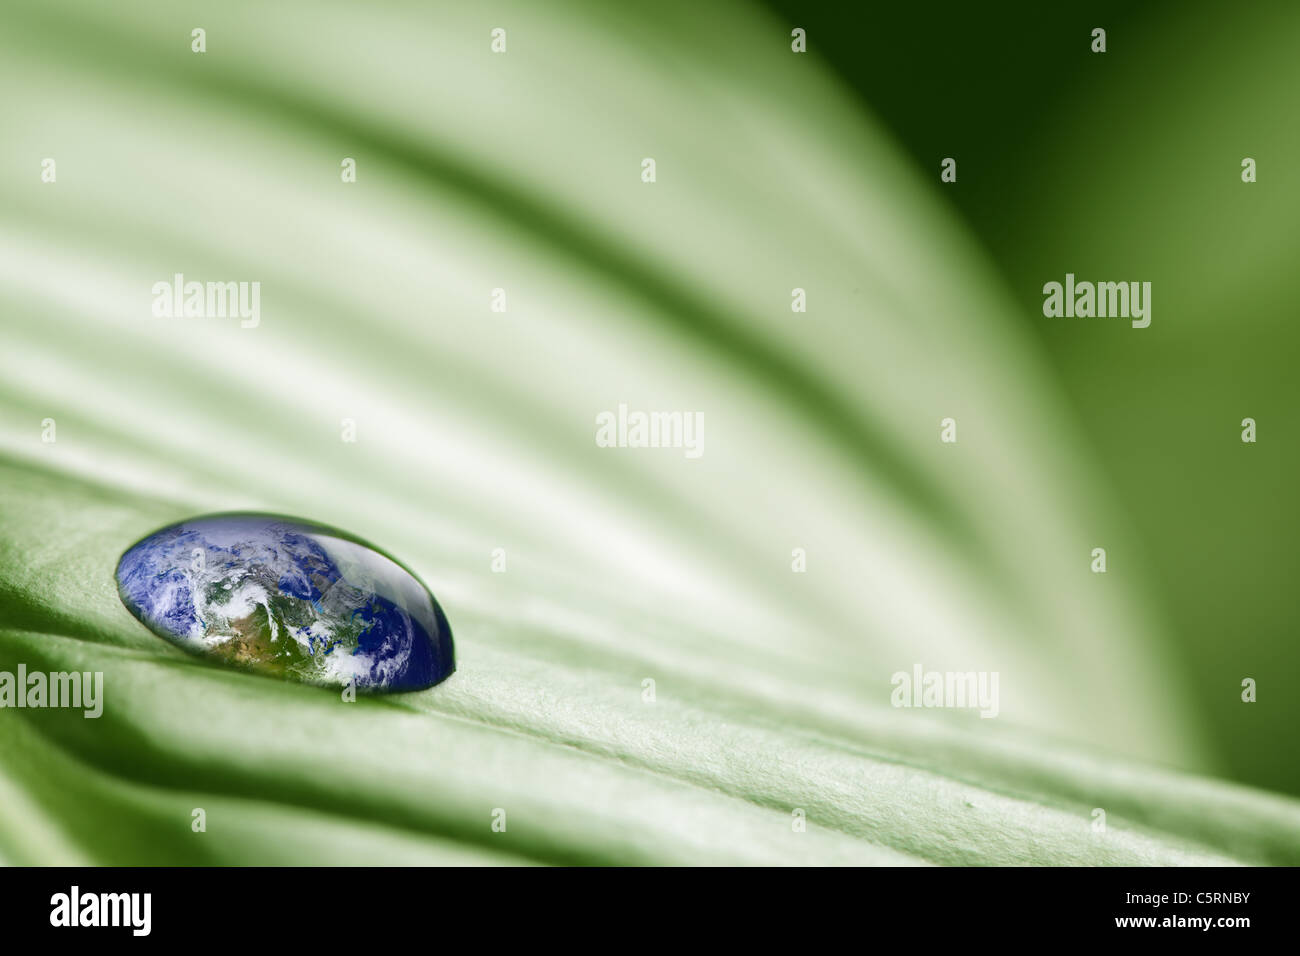 La planète Terre en goutte d'eau Banque D'Images